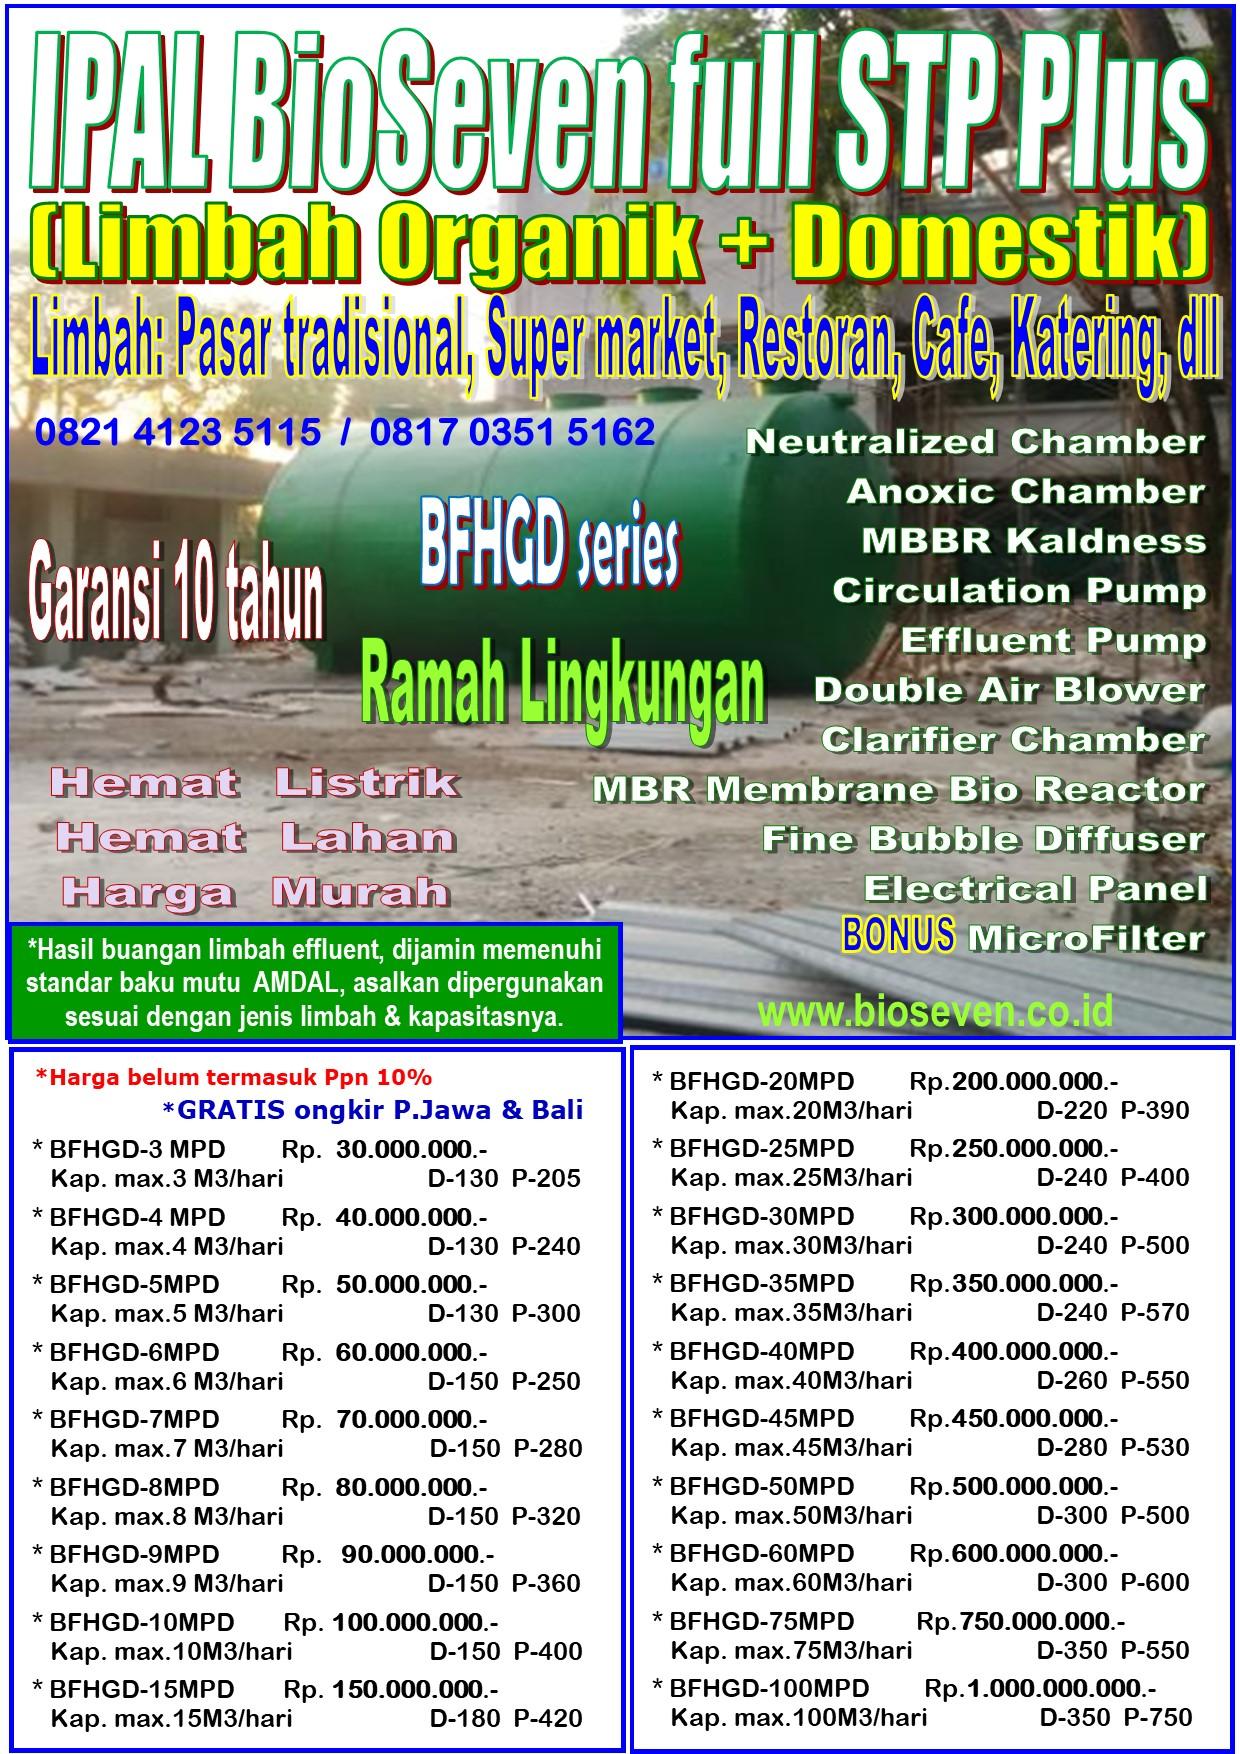 IPAL Organik + Domestik Aerob & Anaerob - Double Blower (BFHG series)- untuk mengolah Limbah Organik + Domestik (Msl.Pemotongan Hewan,Pasar,Pelelangan Ikan,Cafe,Restoran,Pabrik Tahu/Tempe,Pabrik Roti/Bakery,Katering,dll Plus Limbah Domestik dari Kloset / Septic tank)